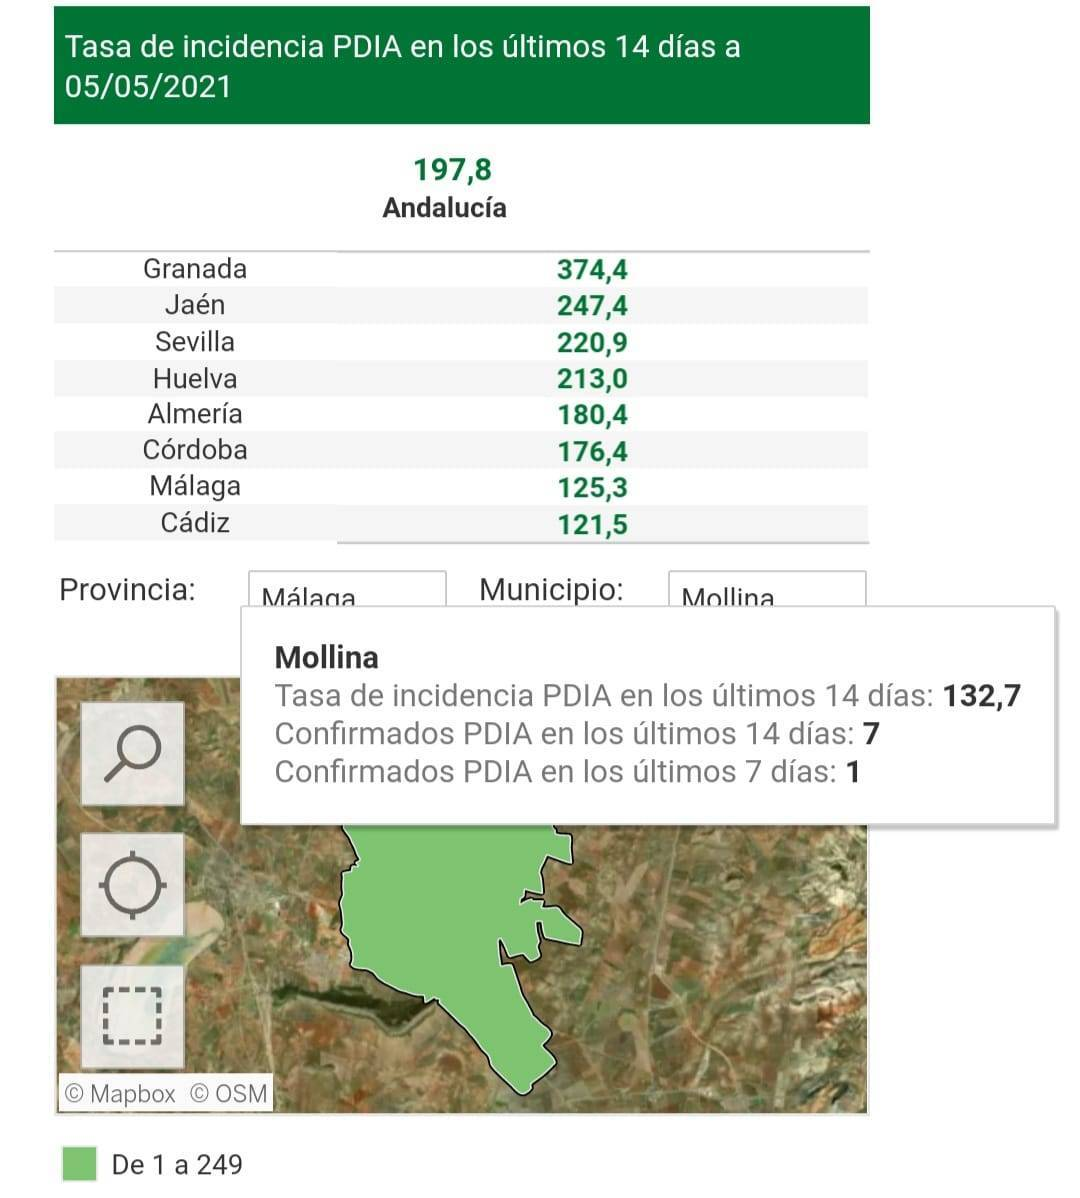 7 casos positivos de COVID-19 (mayo 2021) - Mollina (Málaga)